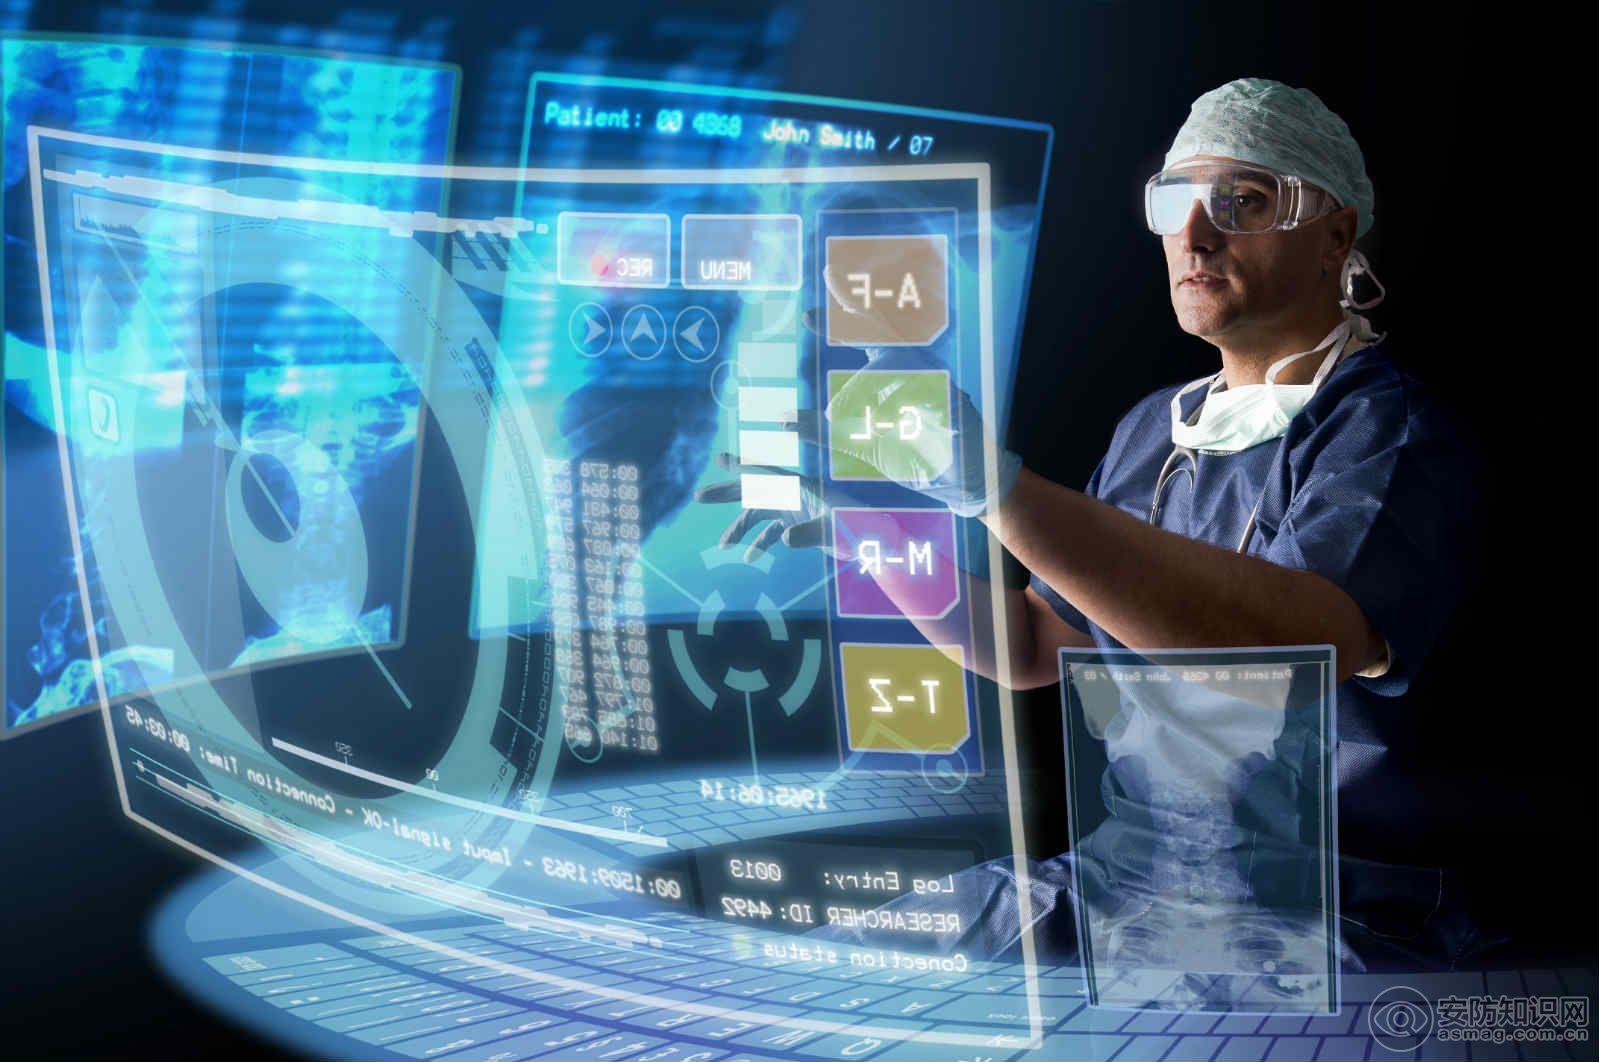 年度盘点:2016年互联网医疗行业十大事件-智医疗网